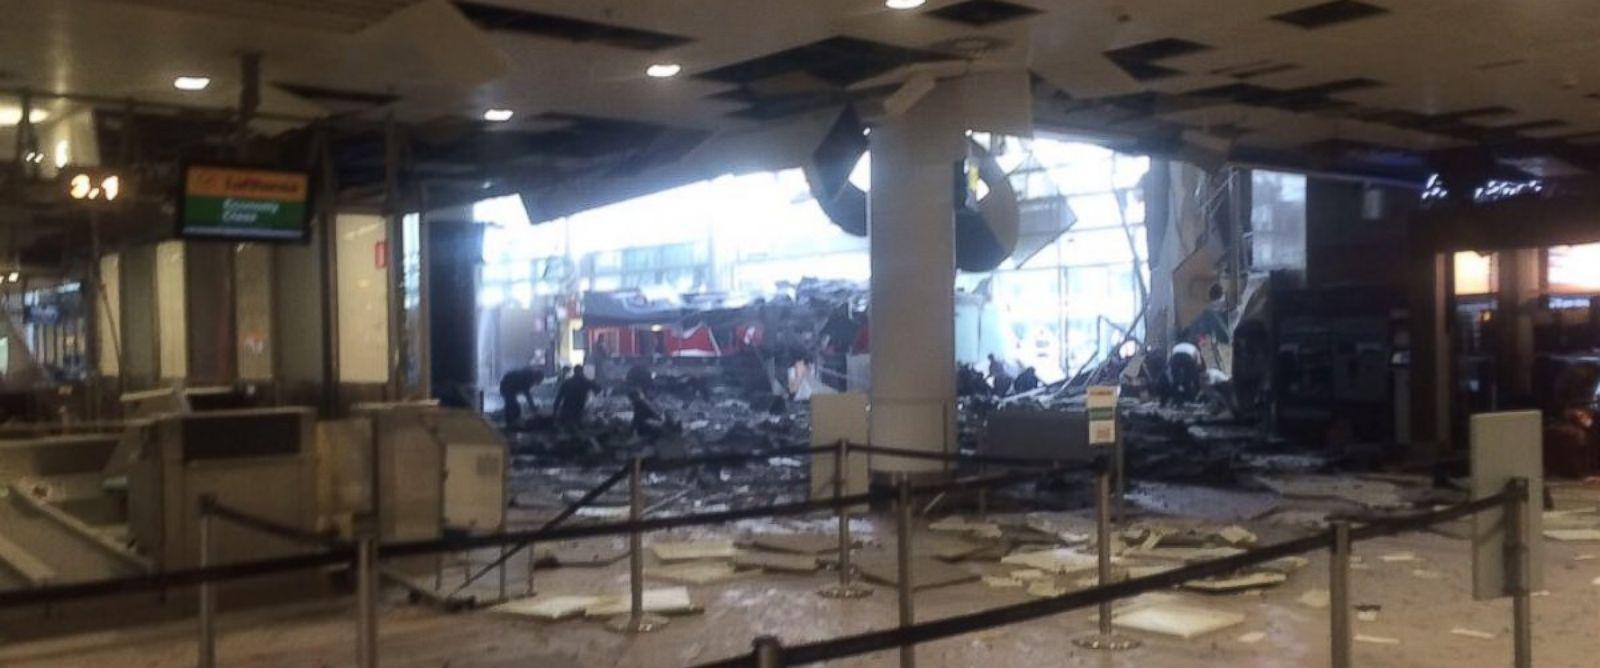 比利时布鲁塞尔机场、地铁连环爆炸致至少28人亡 奥朗德召开紧急会议【高清组图】 - 纽约文摘 - 纽约文摘